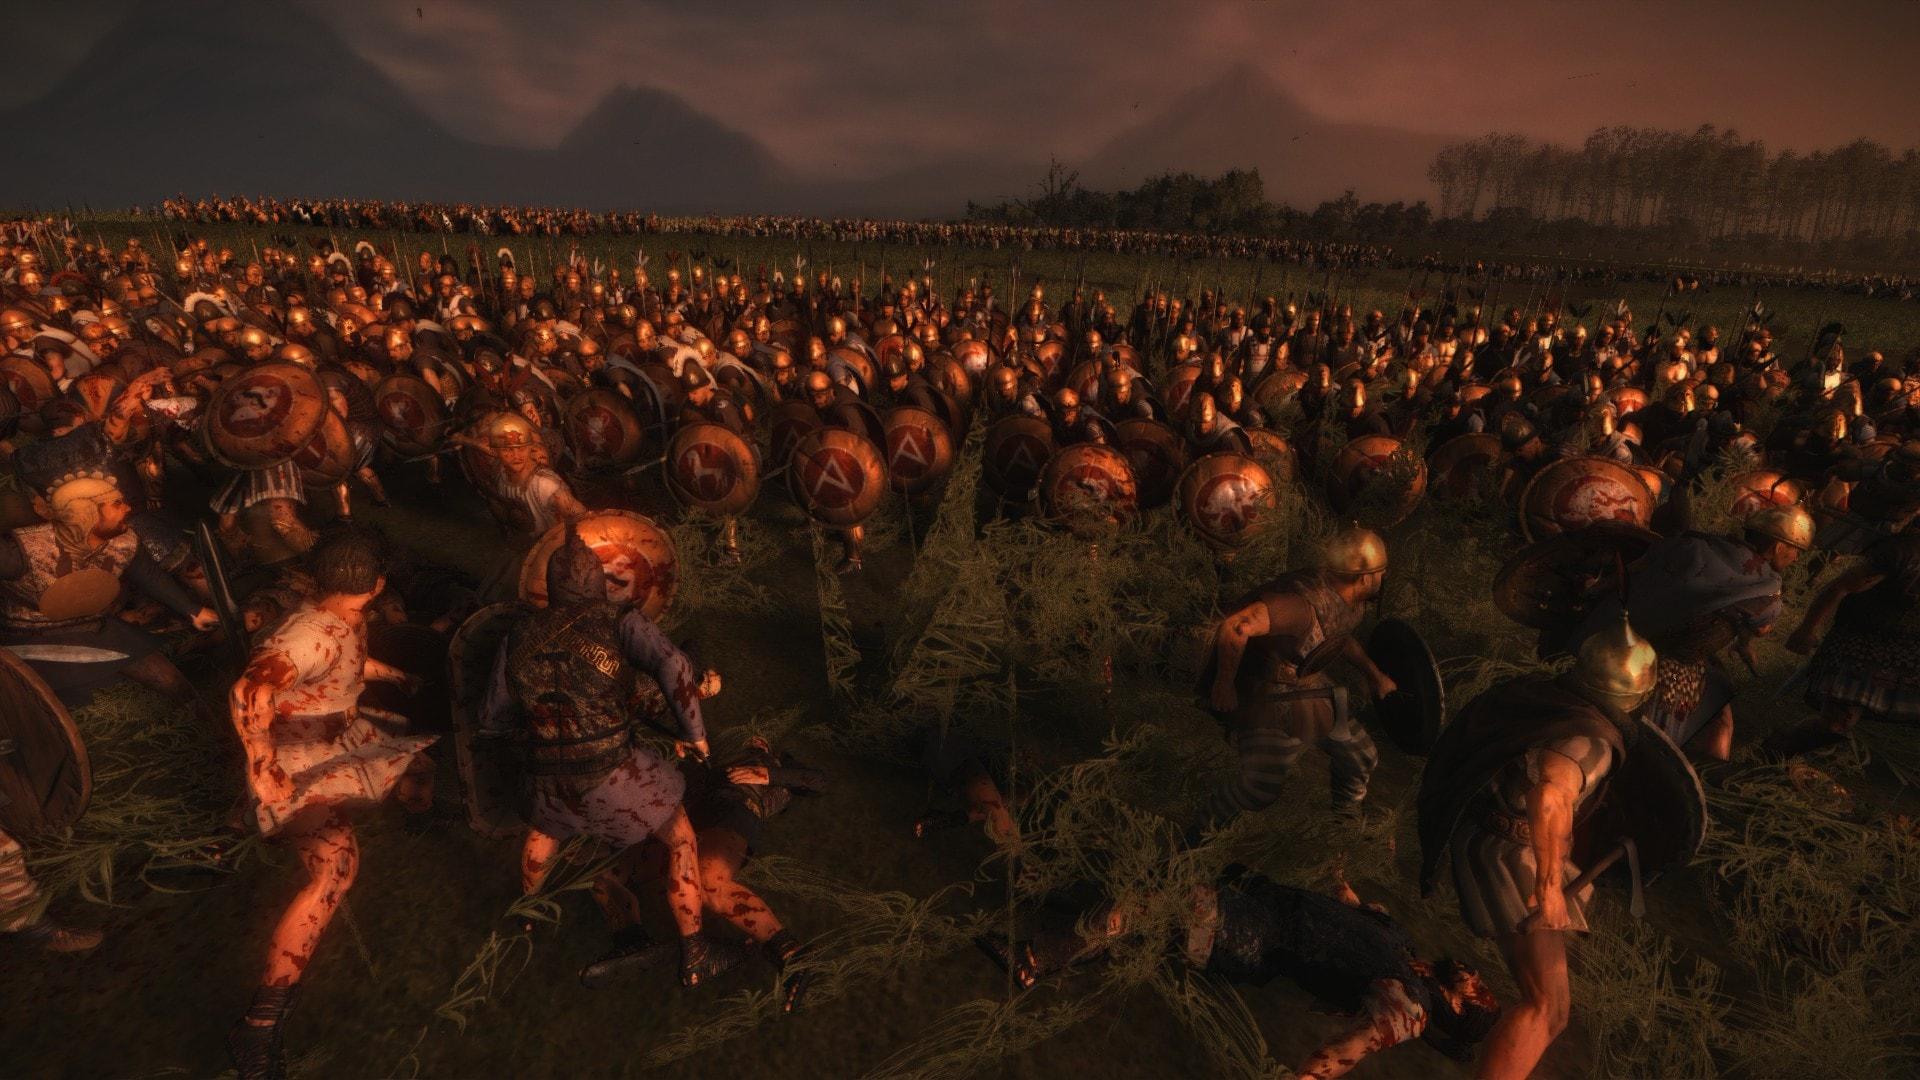 Rome: Total War (2004) - Full Game Download | GAMESIS